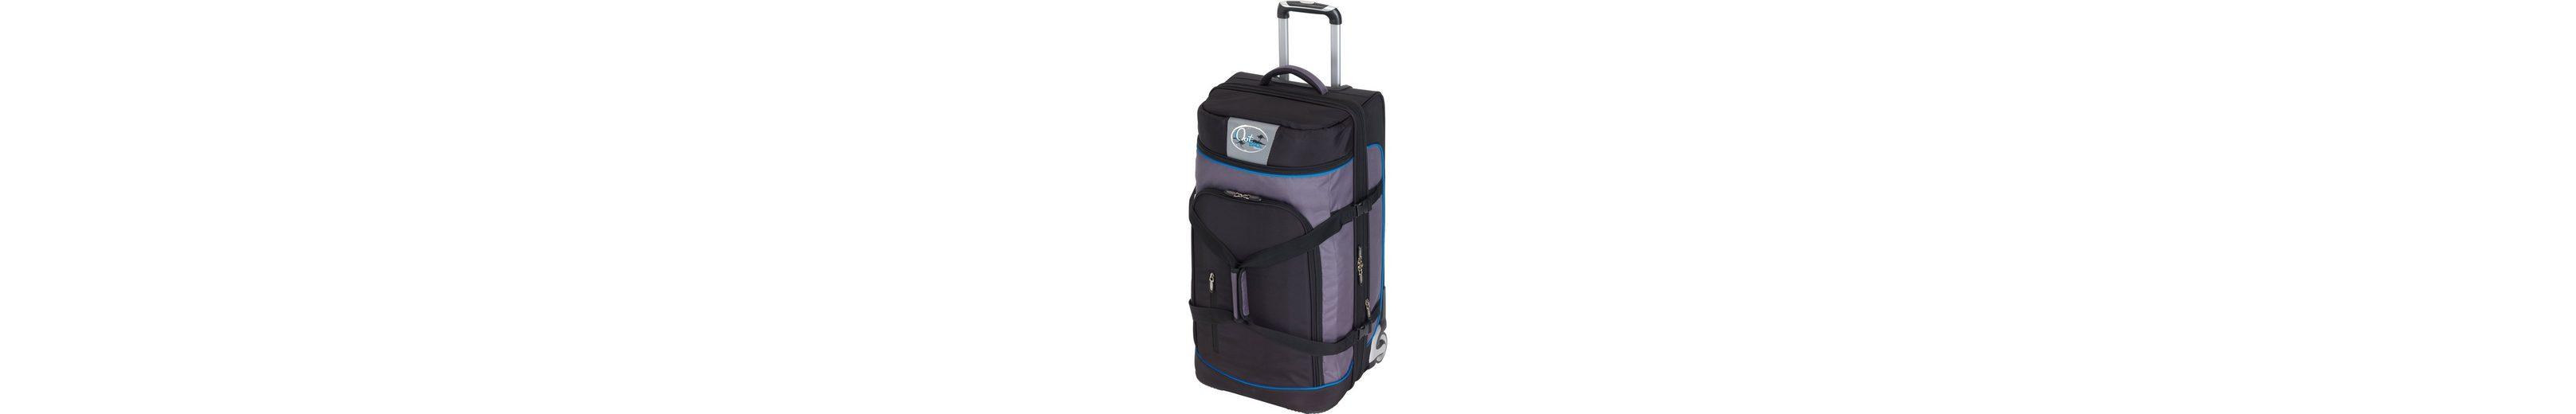 OutBAG Trolley-Reisetasche mit 2 Rollen, »OutBAG SPORTS XL, schwarz/blau«